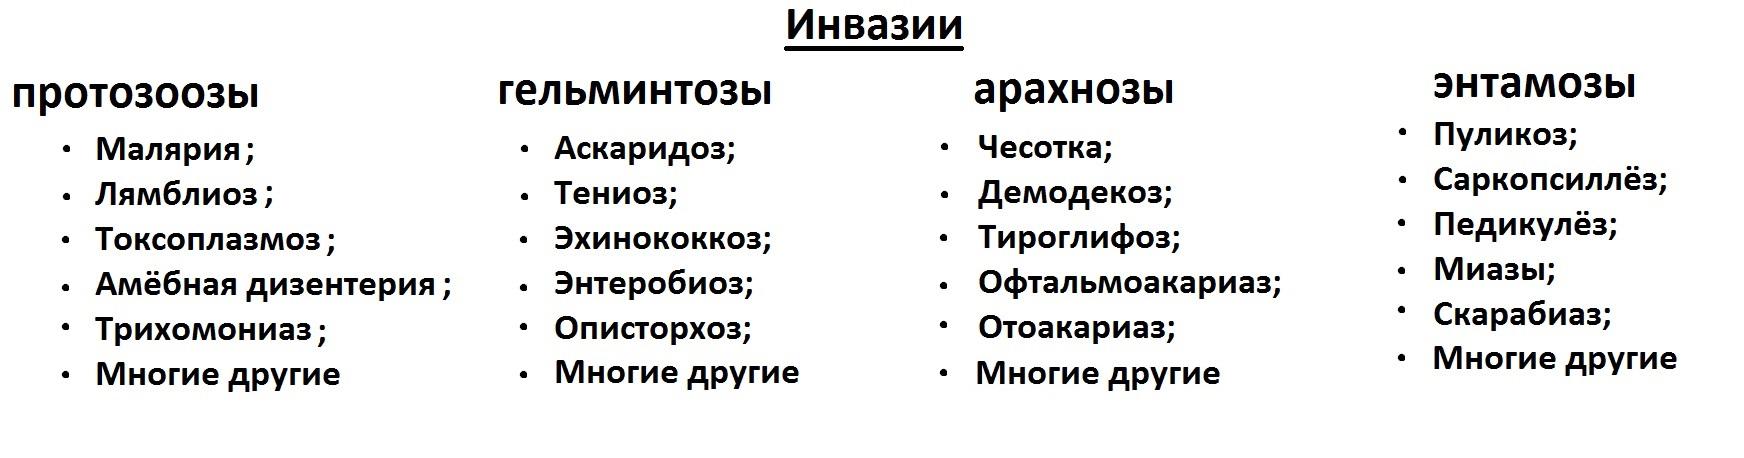 invazii_v_medicine